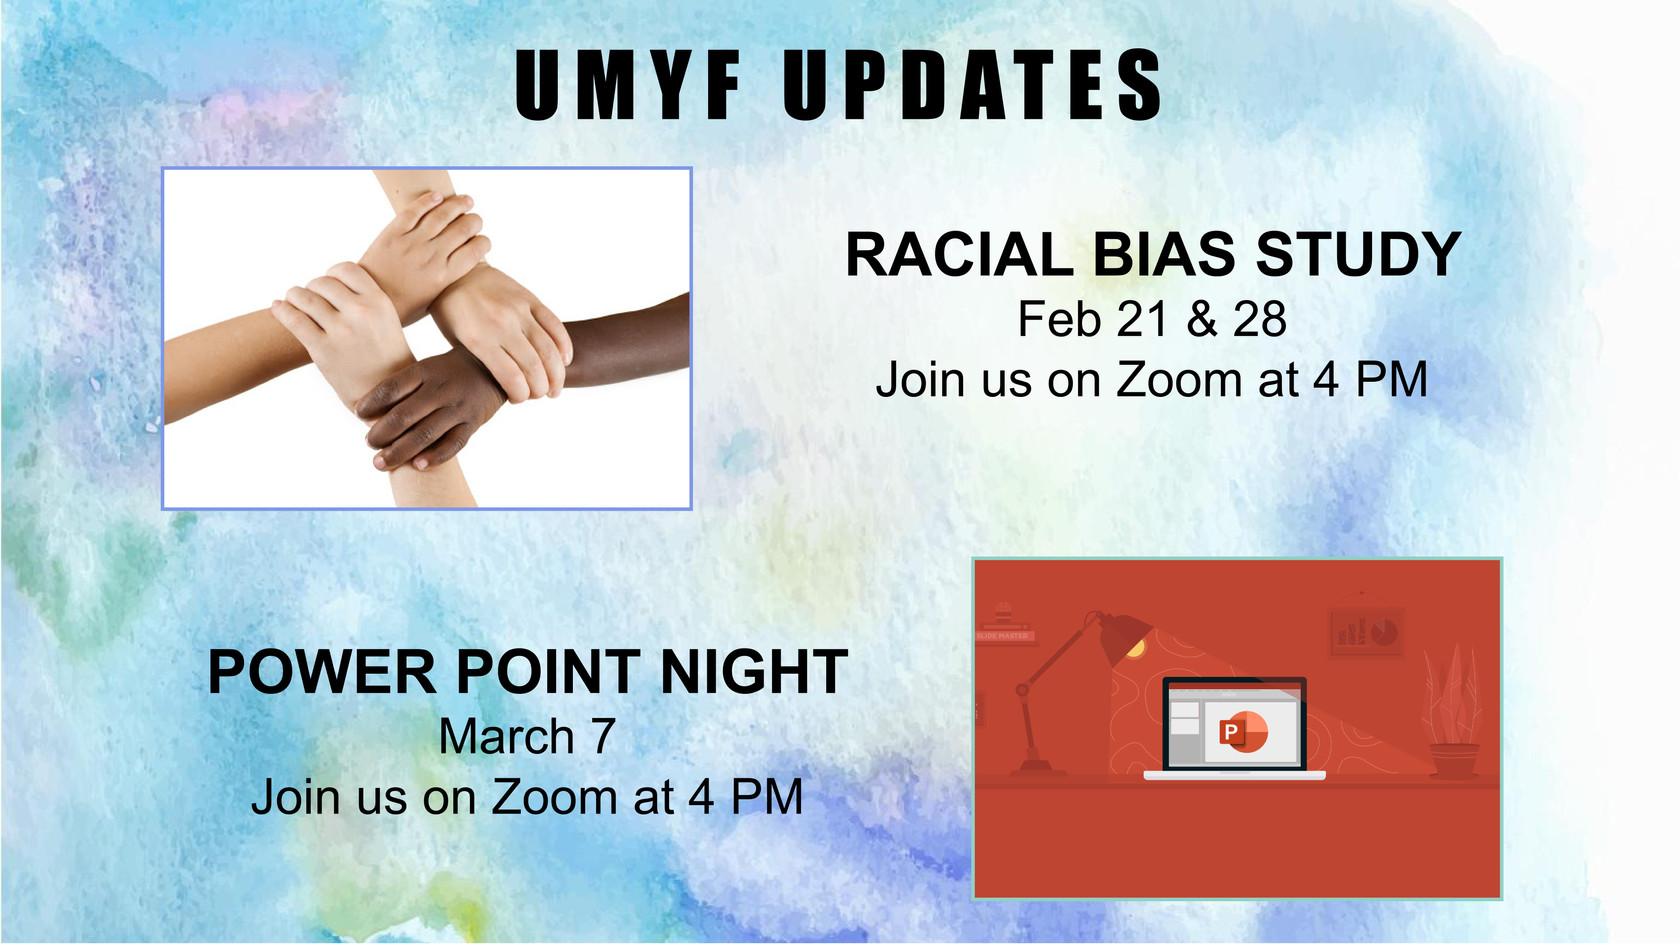 UMYF Updates